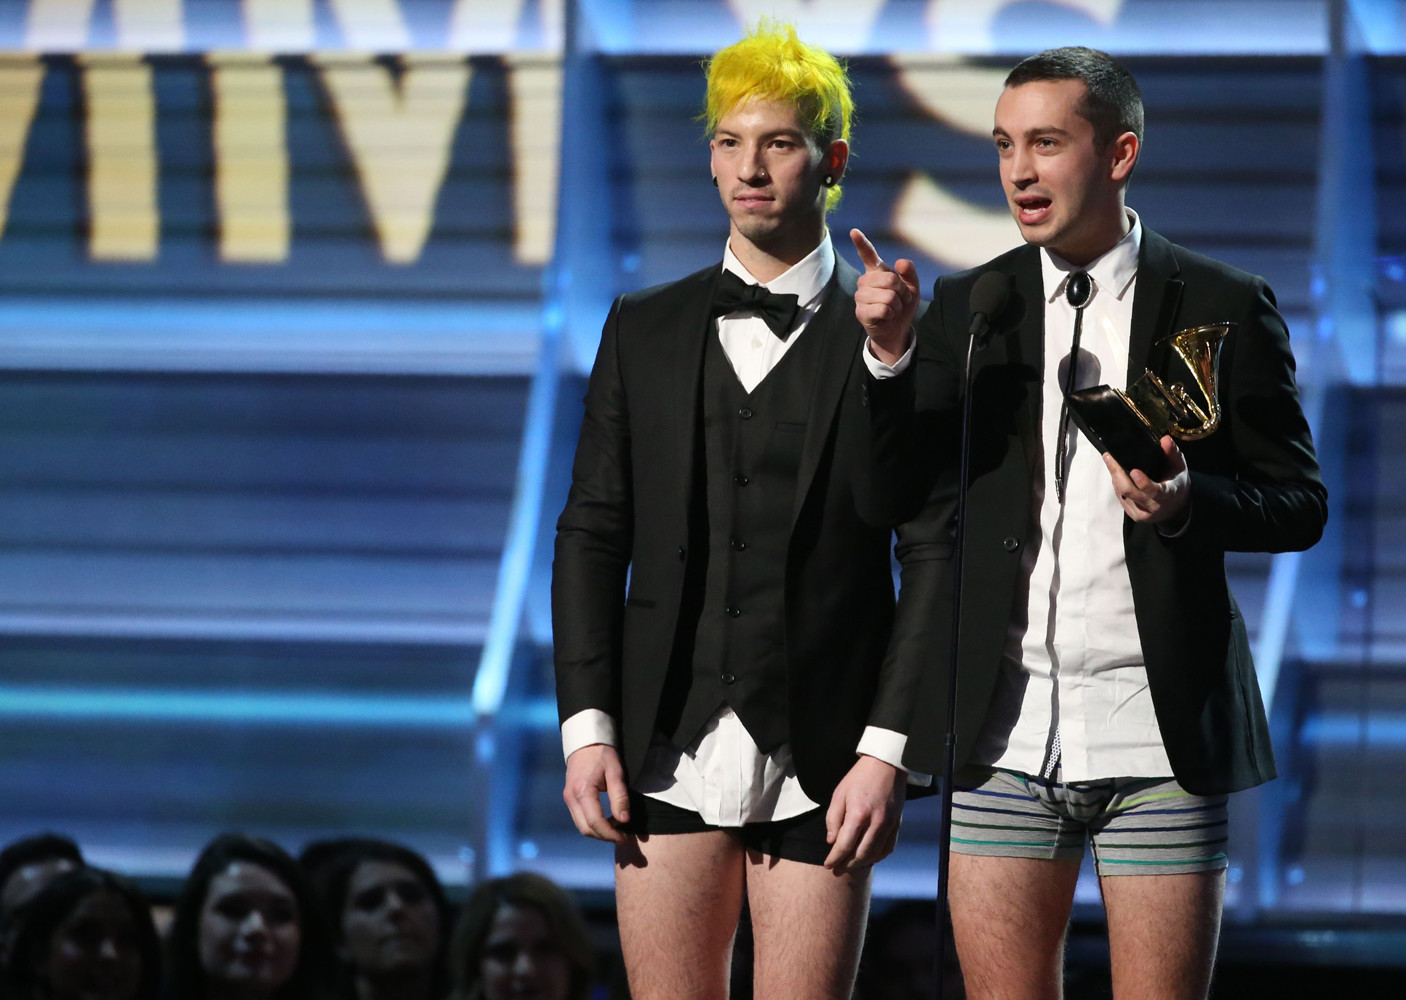 Солисты группы  Twenty One Pilots вышли получать награду «Грэмми» в трусах.